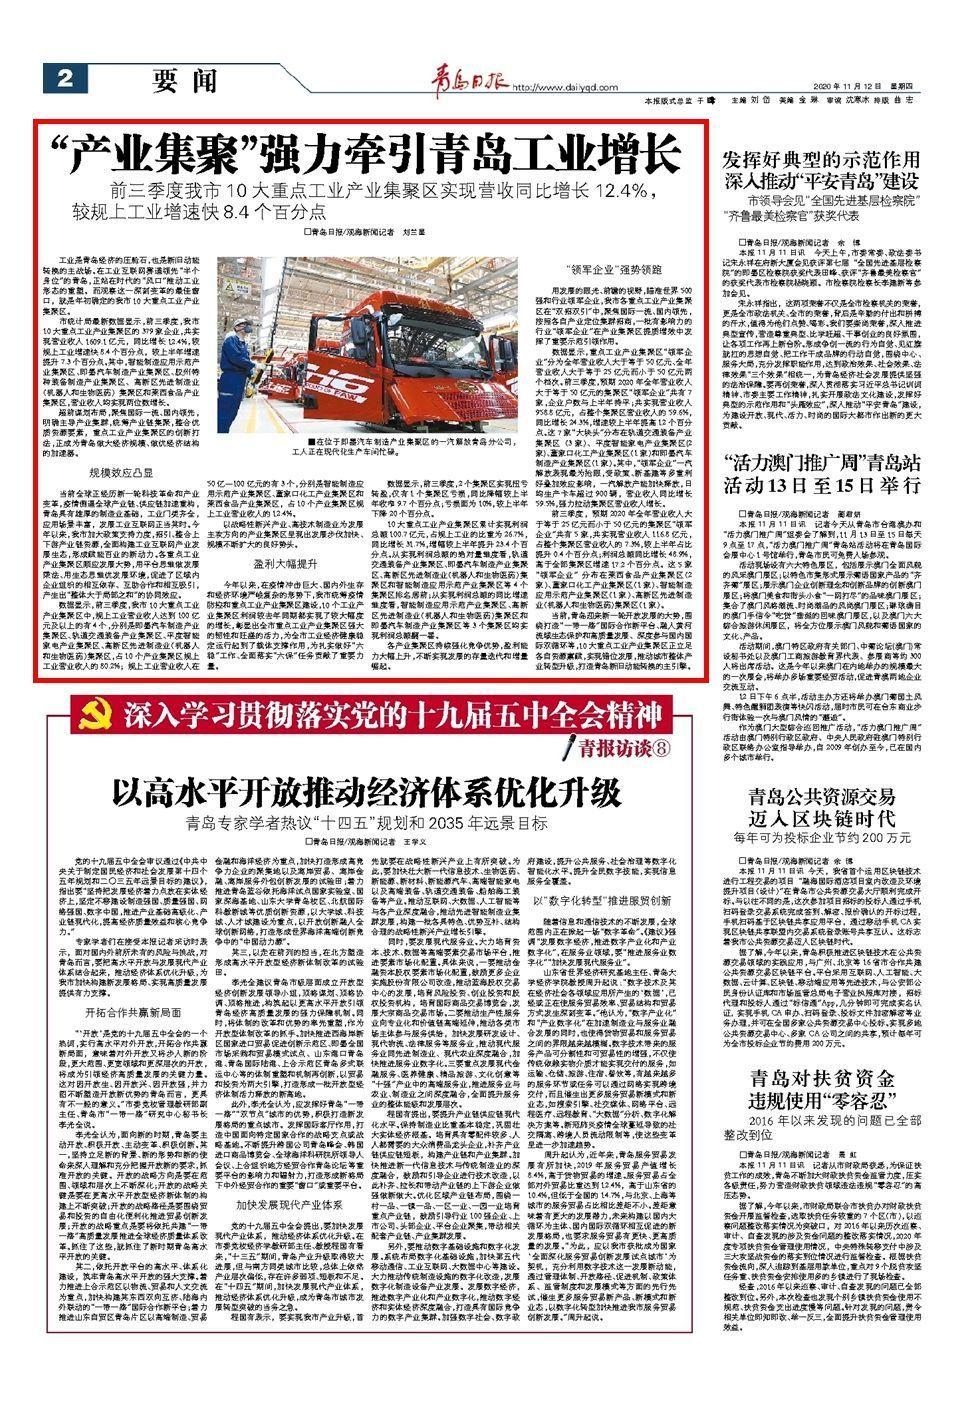 """前三季度379家企业营收1609.1亿元!""""产业集聚""""强力牵引青岛工业增长 青岛塑料企业"""